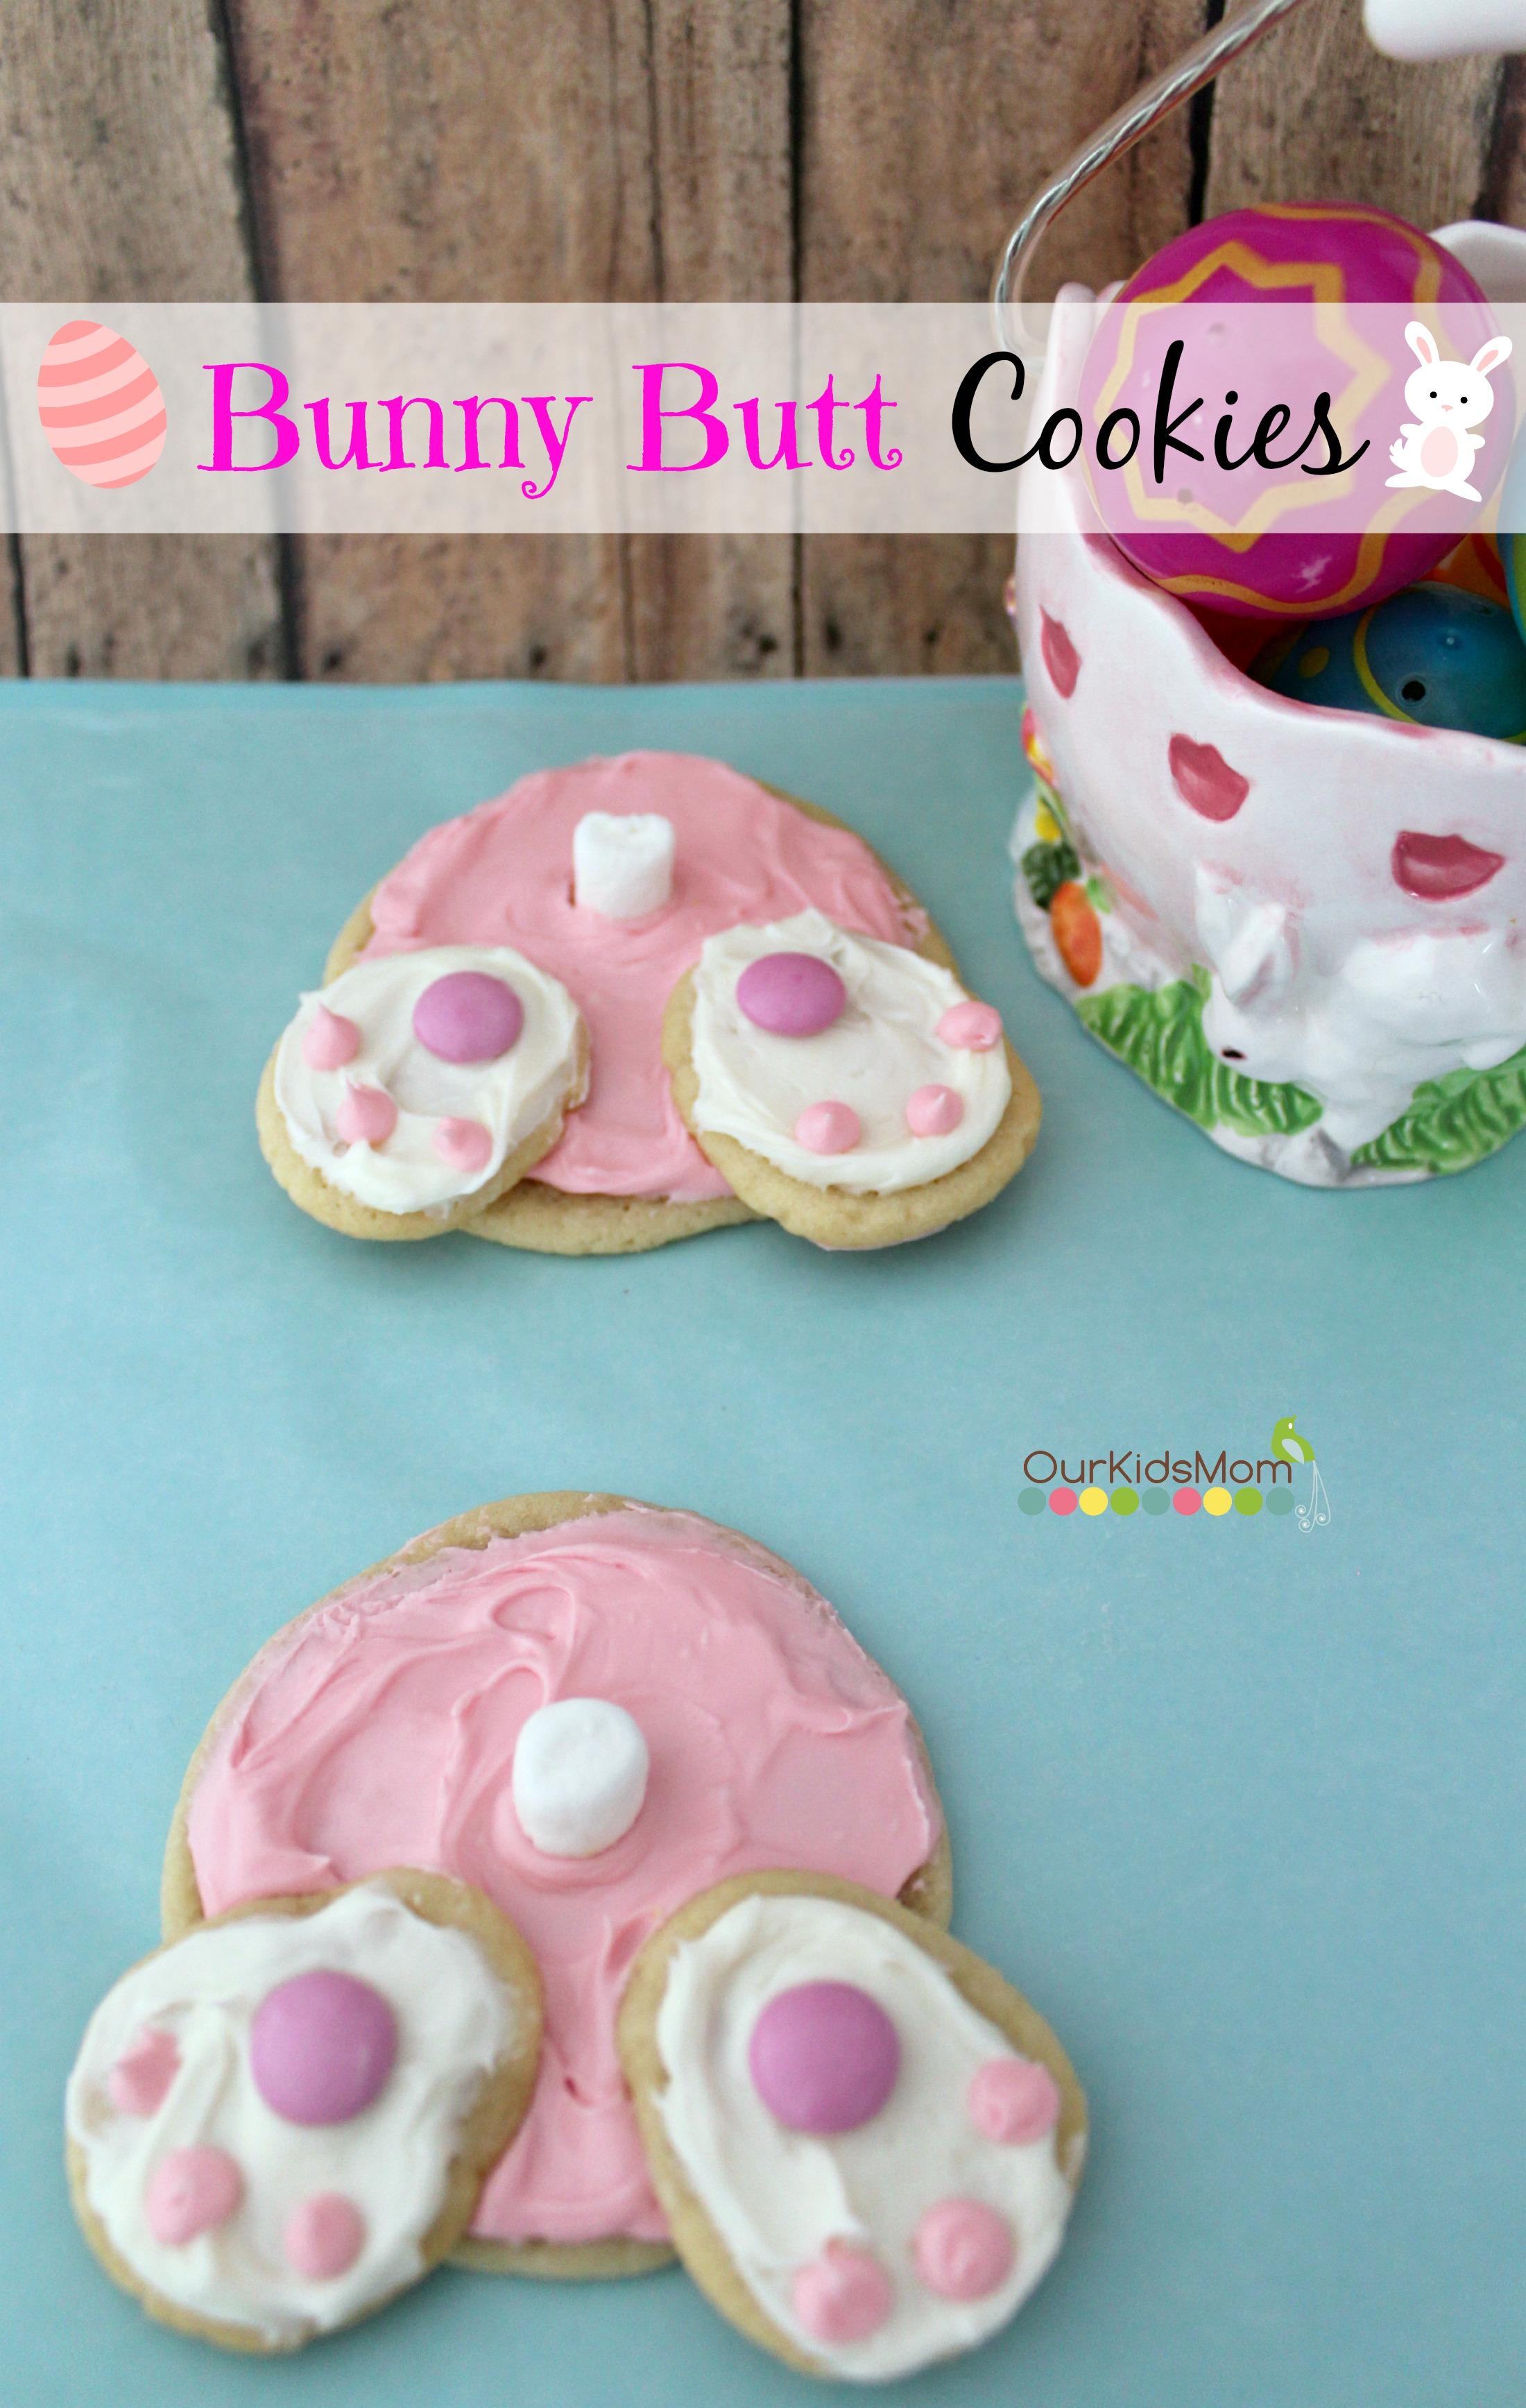 bunnybuttcookies